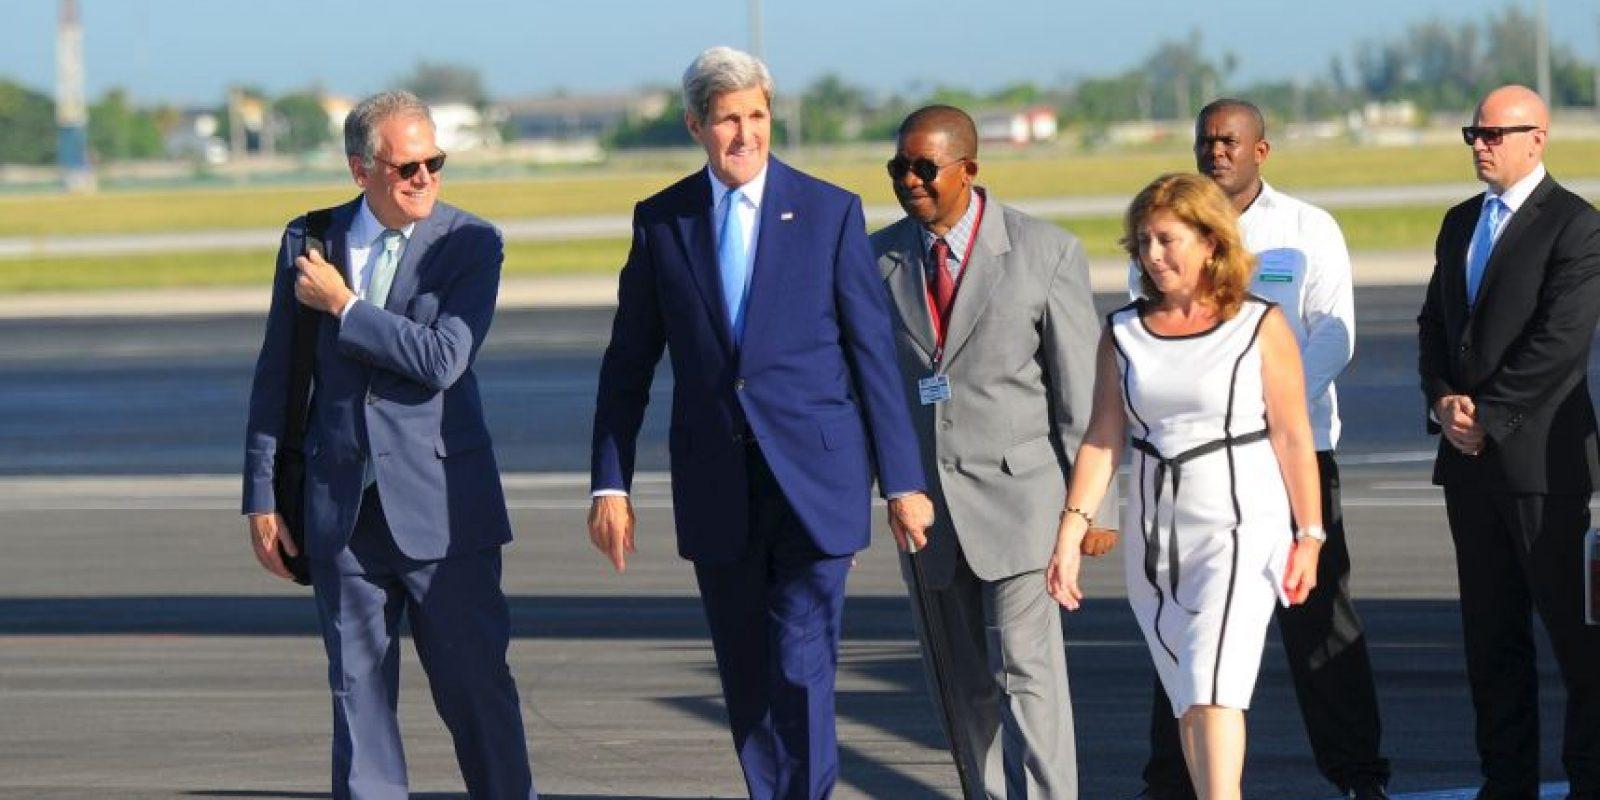 El Secretario de Estado, John Kerry, llegó a la isla aproximadamente a las 9 de la mañana. Foto:AFP